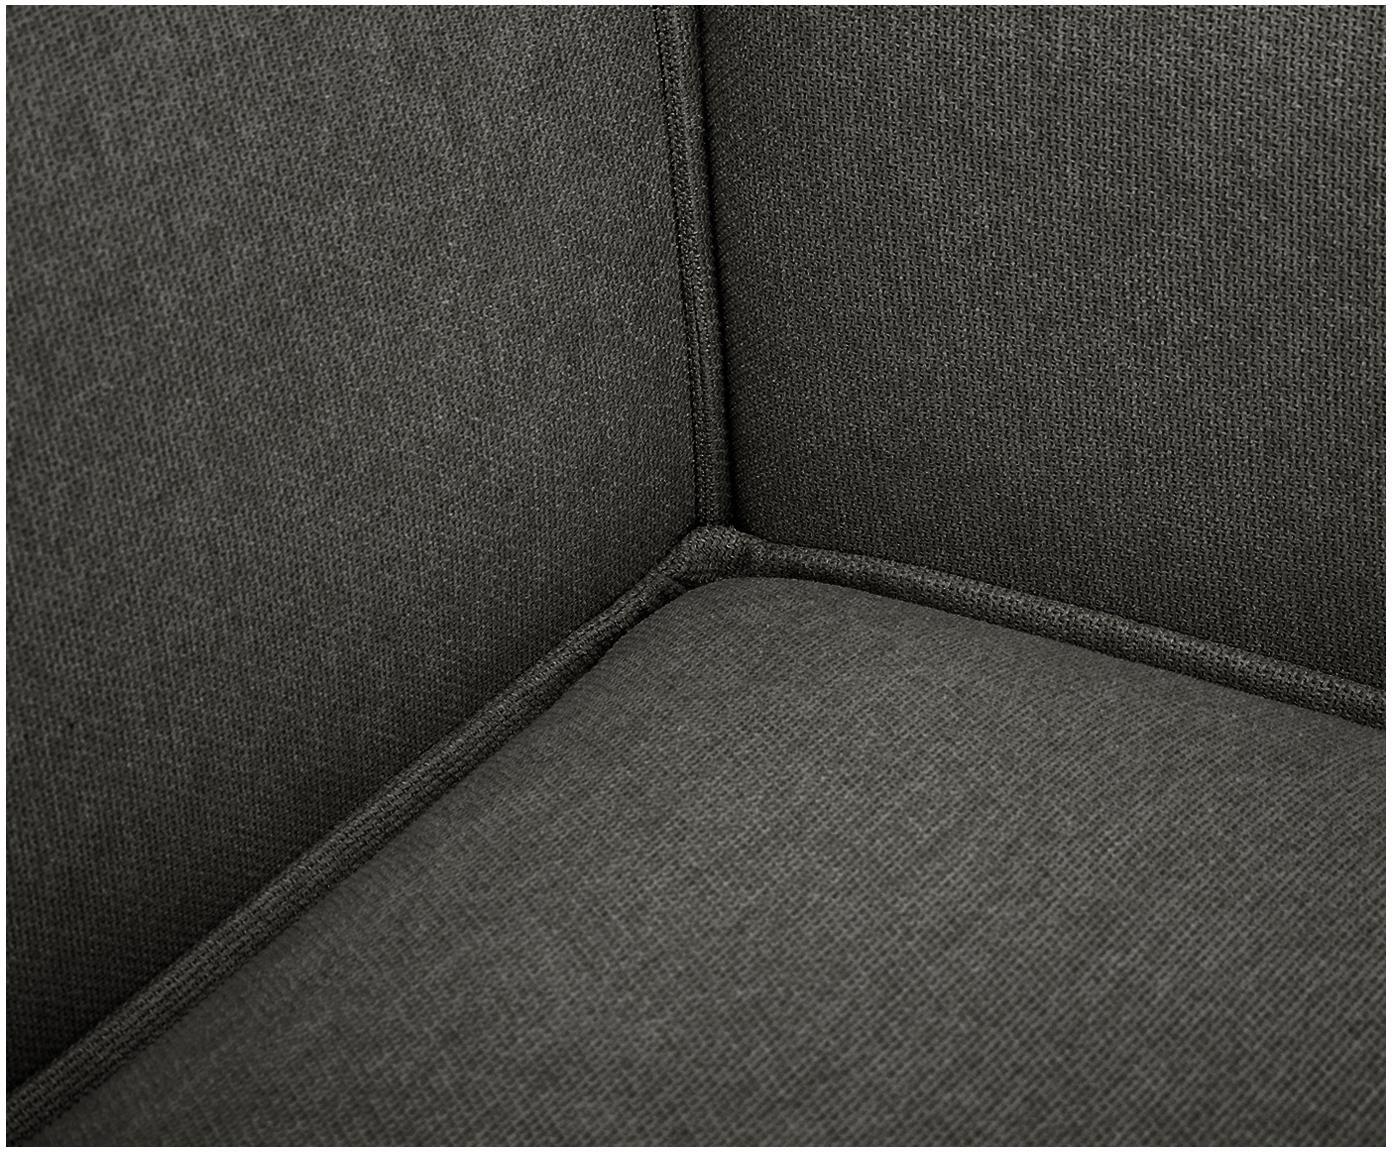 Sofa modułowa Lennon, Tapicerka: poliester 35 000 cykli w , Stelaż: lite drewno sosnowe, skle, Nogi: tworzywo sztuczne, Antracytowy, S 326 x G 207 cm